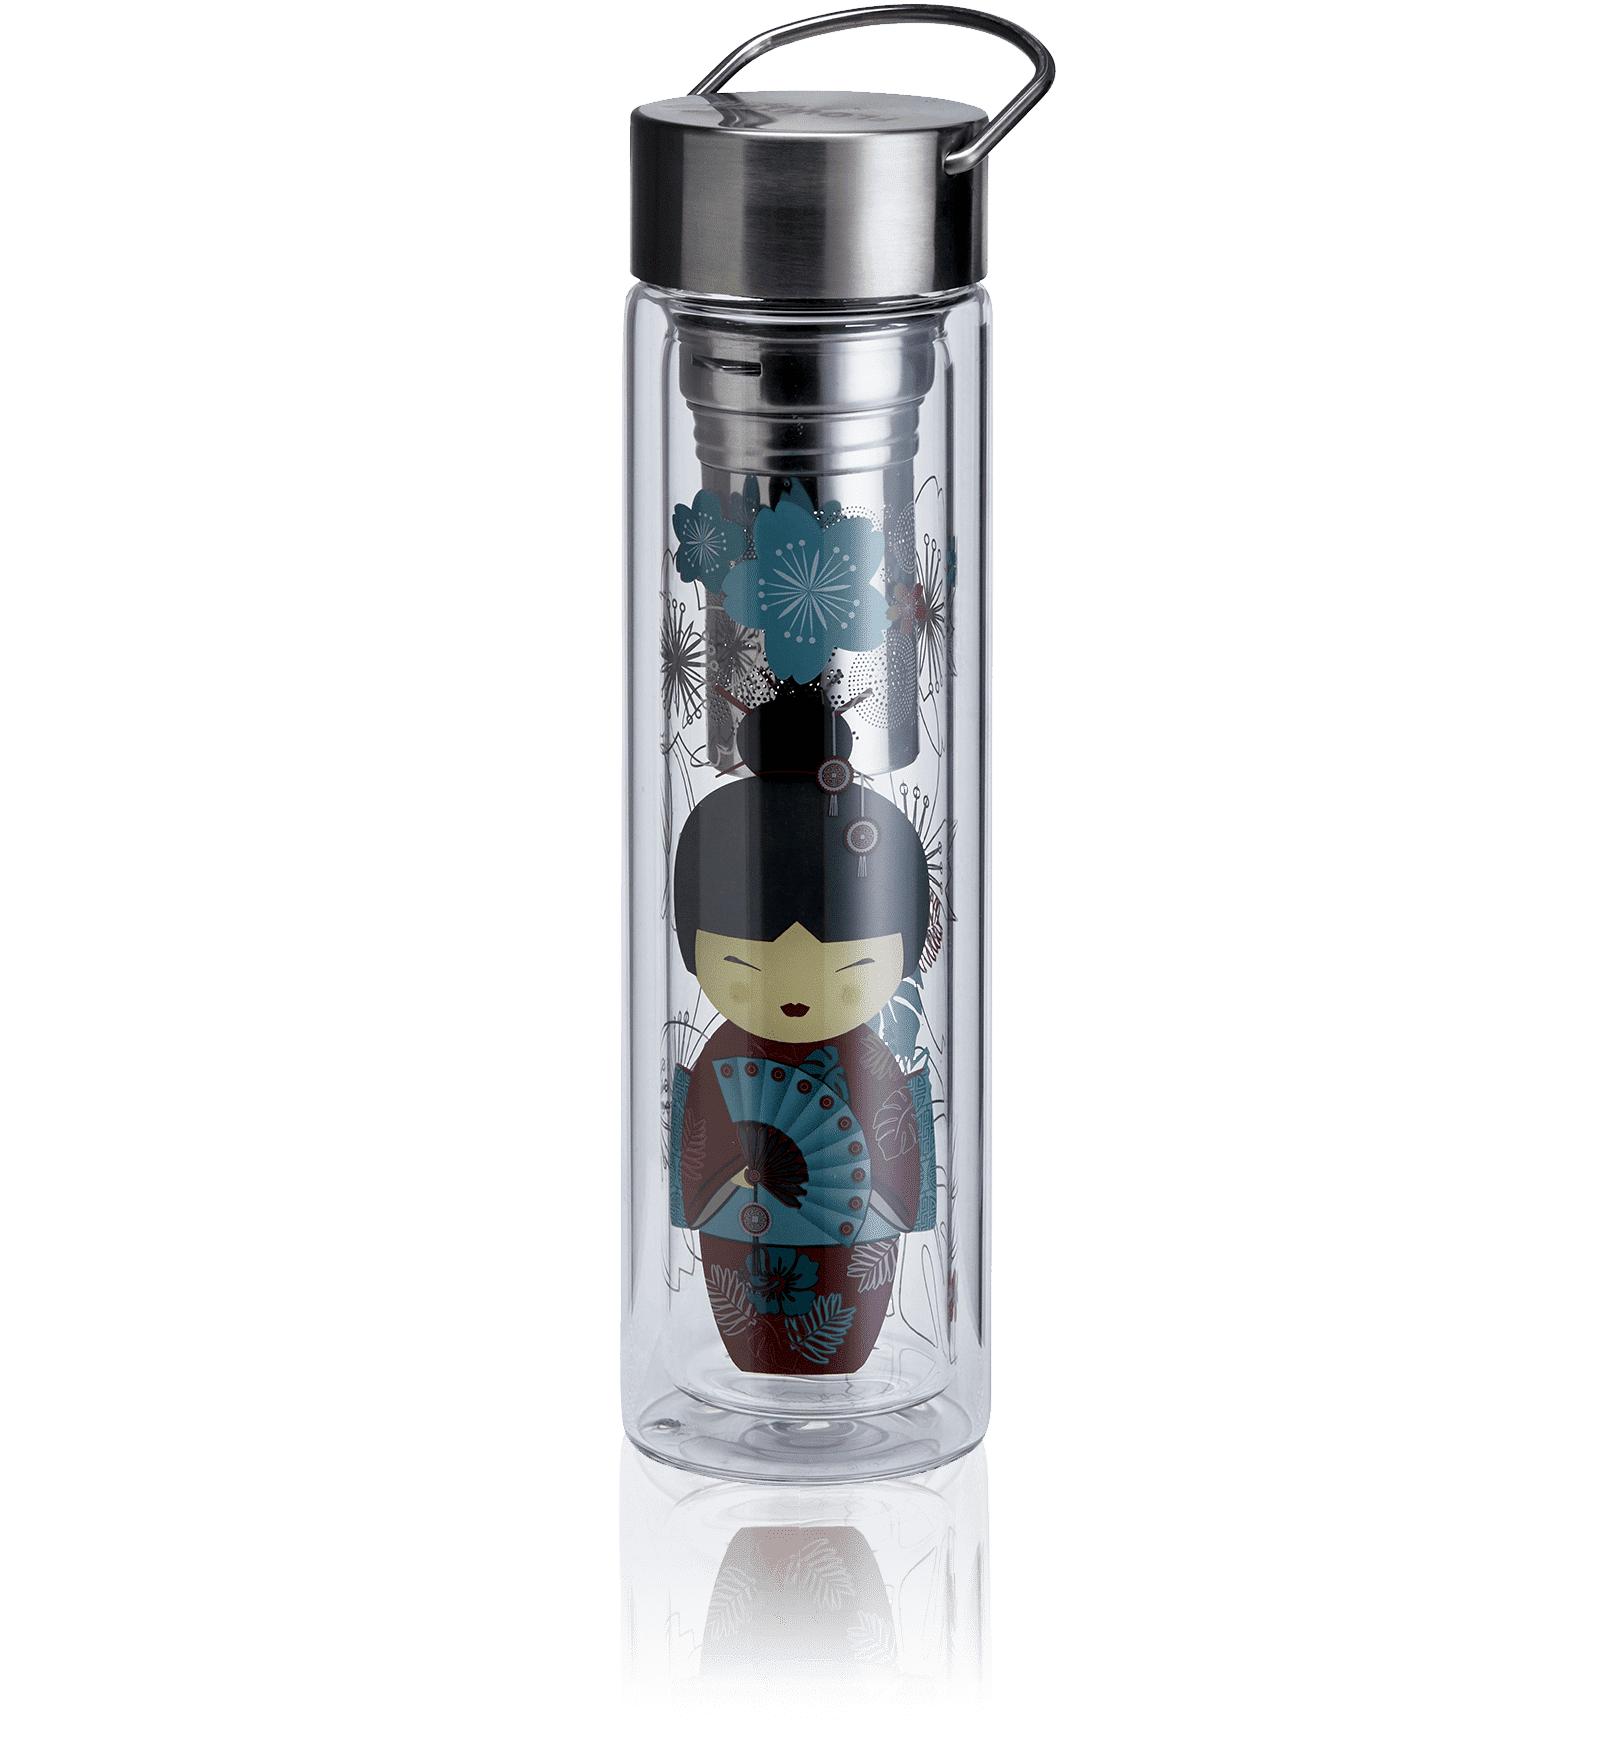 KUSMI TEA Théière nomade en verre 35Cl - Accessoire pour le thé - Kusmi Tea